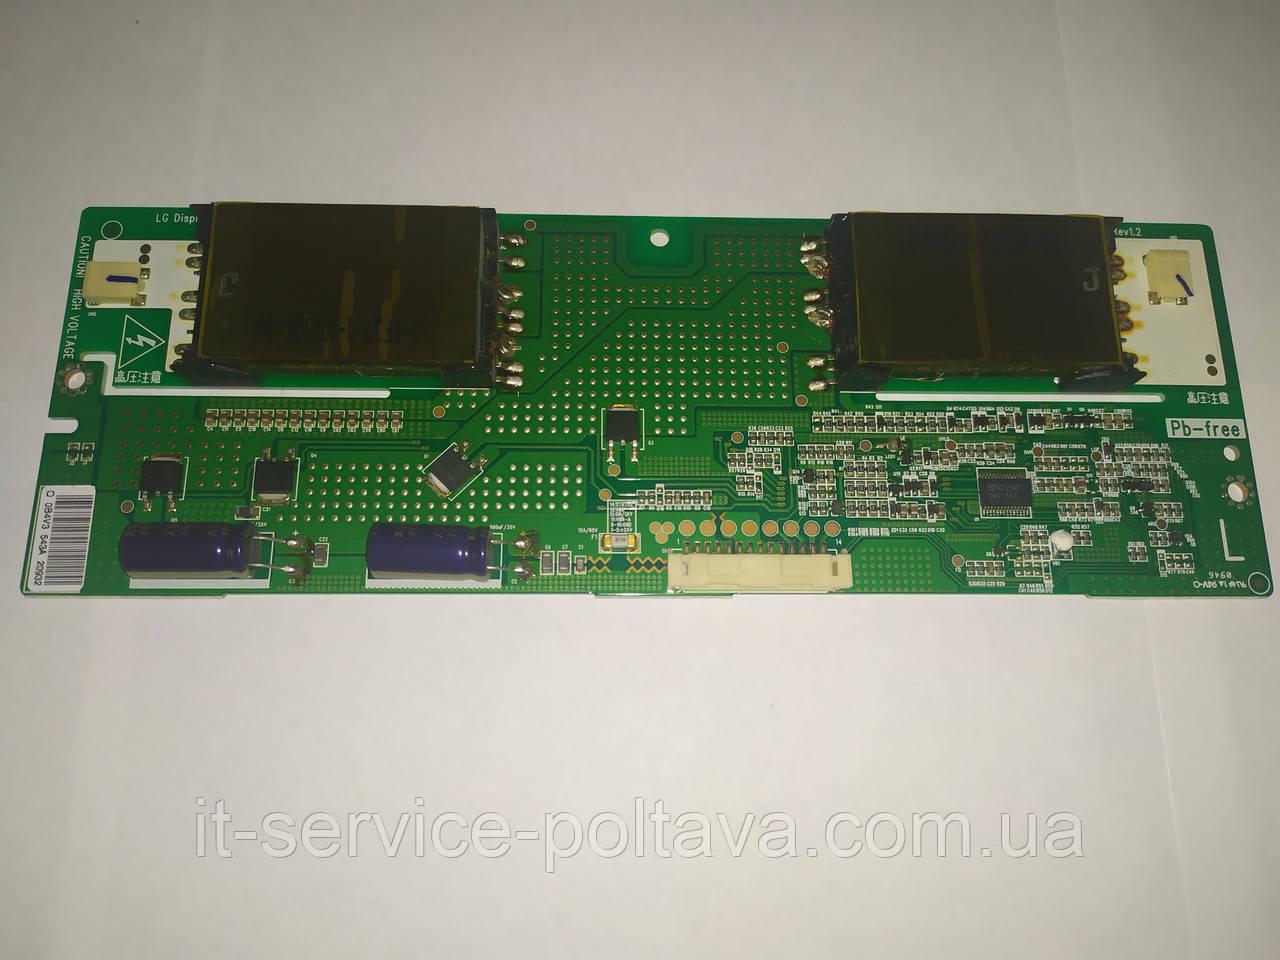 Інвертор (INVERTER BOARD) 6632L-0543A 37sl-0(l) для телевізора Telefunken